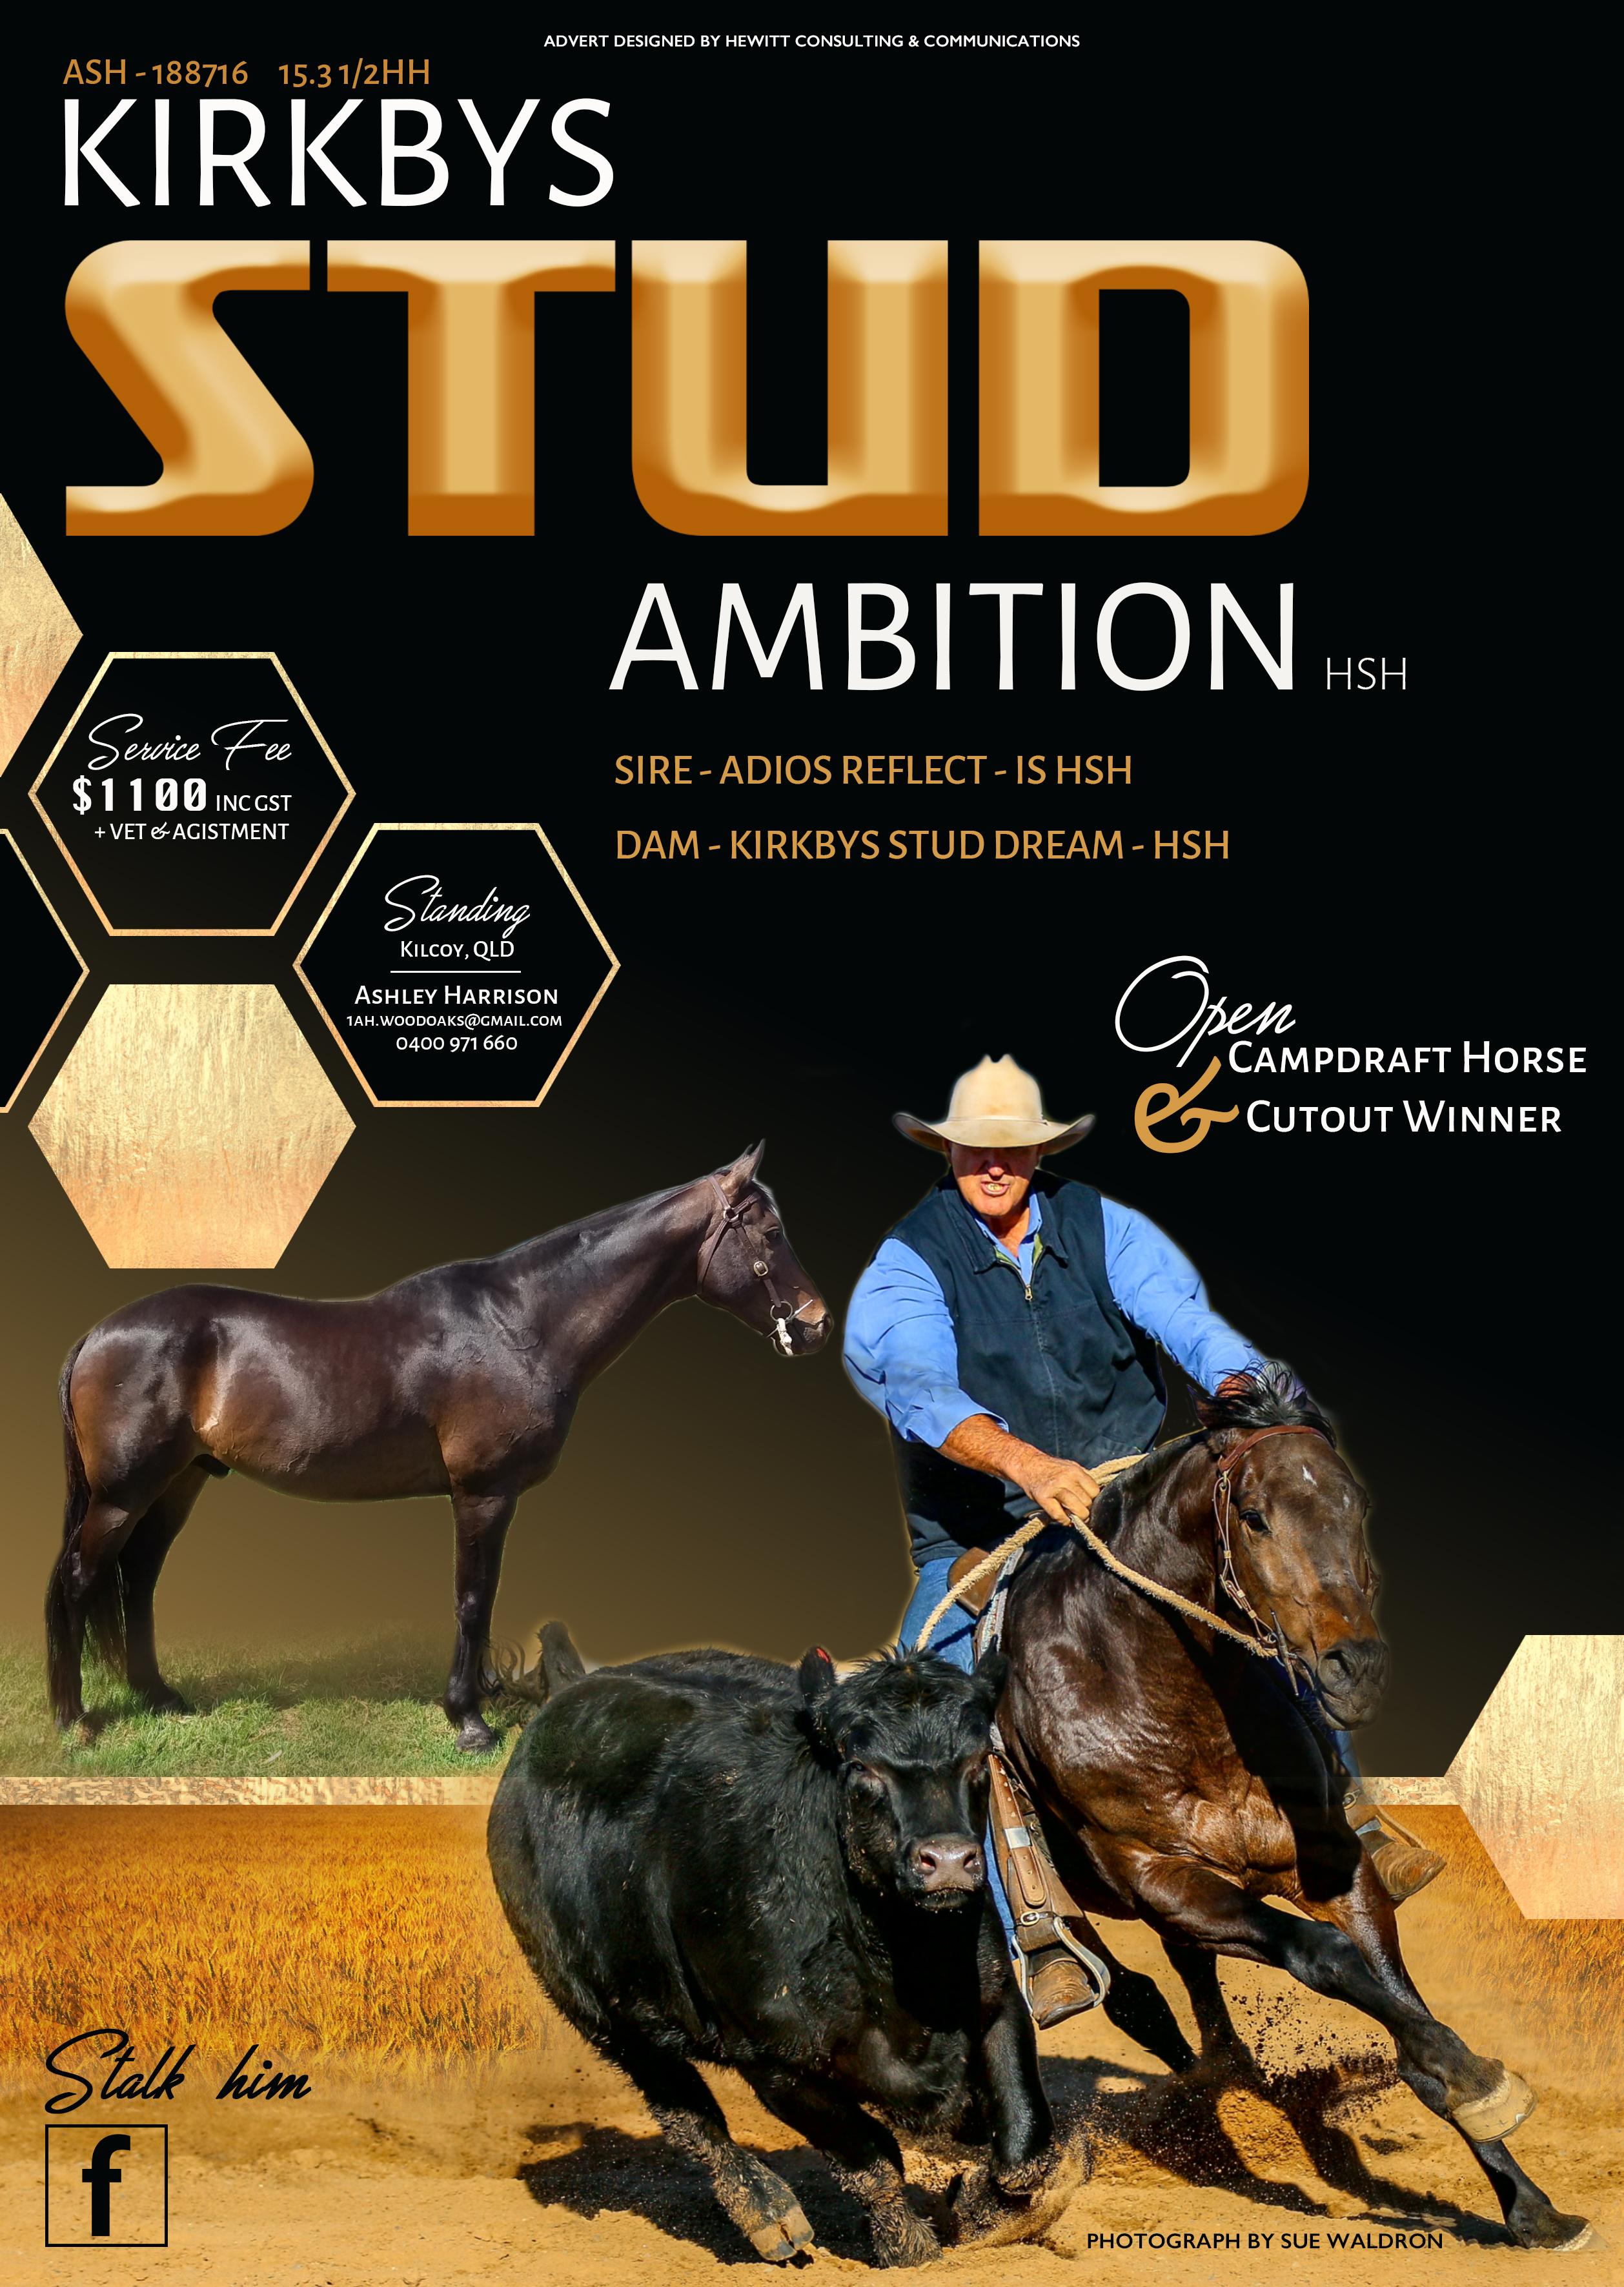 Kirkbys Stud Ambition Advert